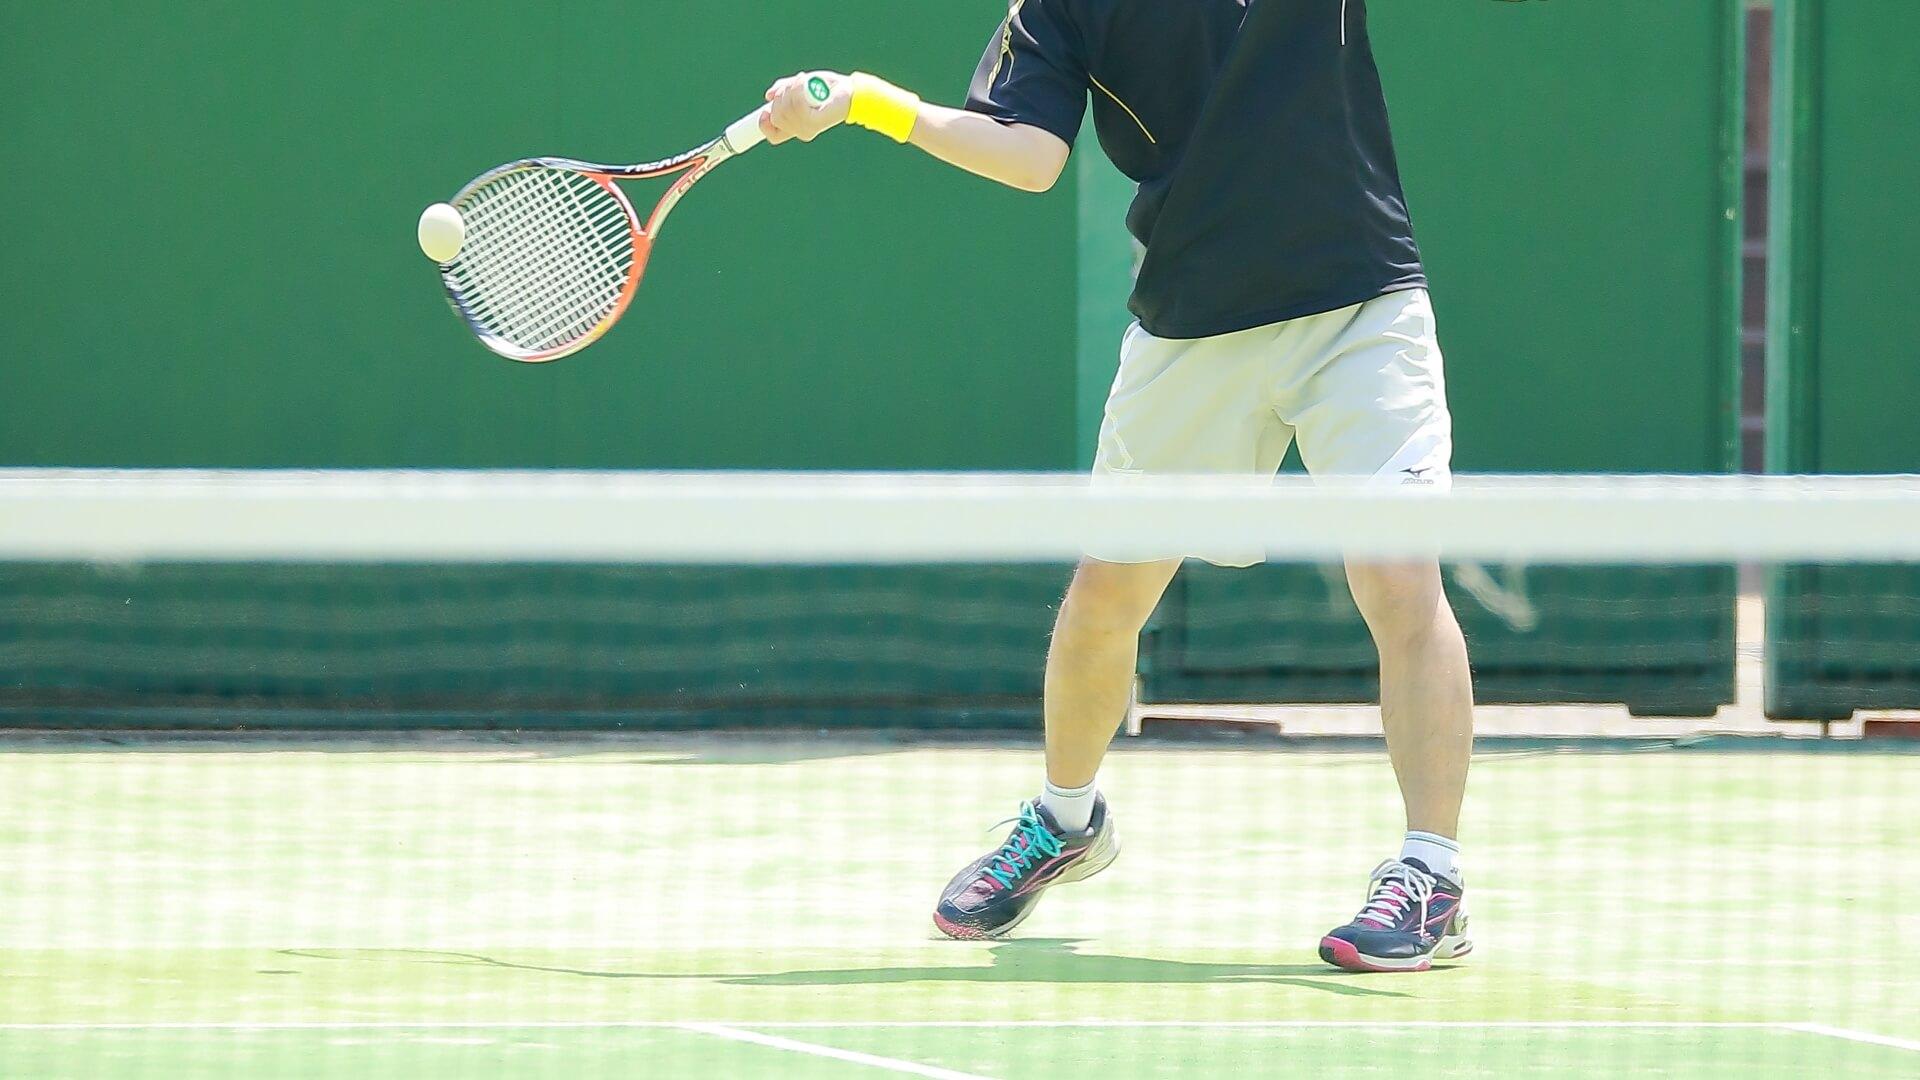 圧倒的強さの理由〜テニスで「ビッグ4」と呼ばれる選手たちとその凄さ〜